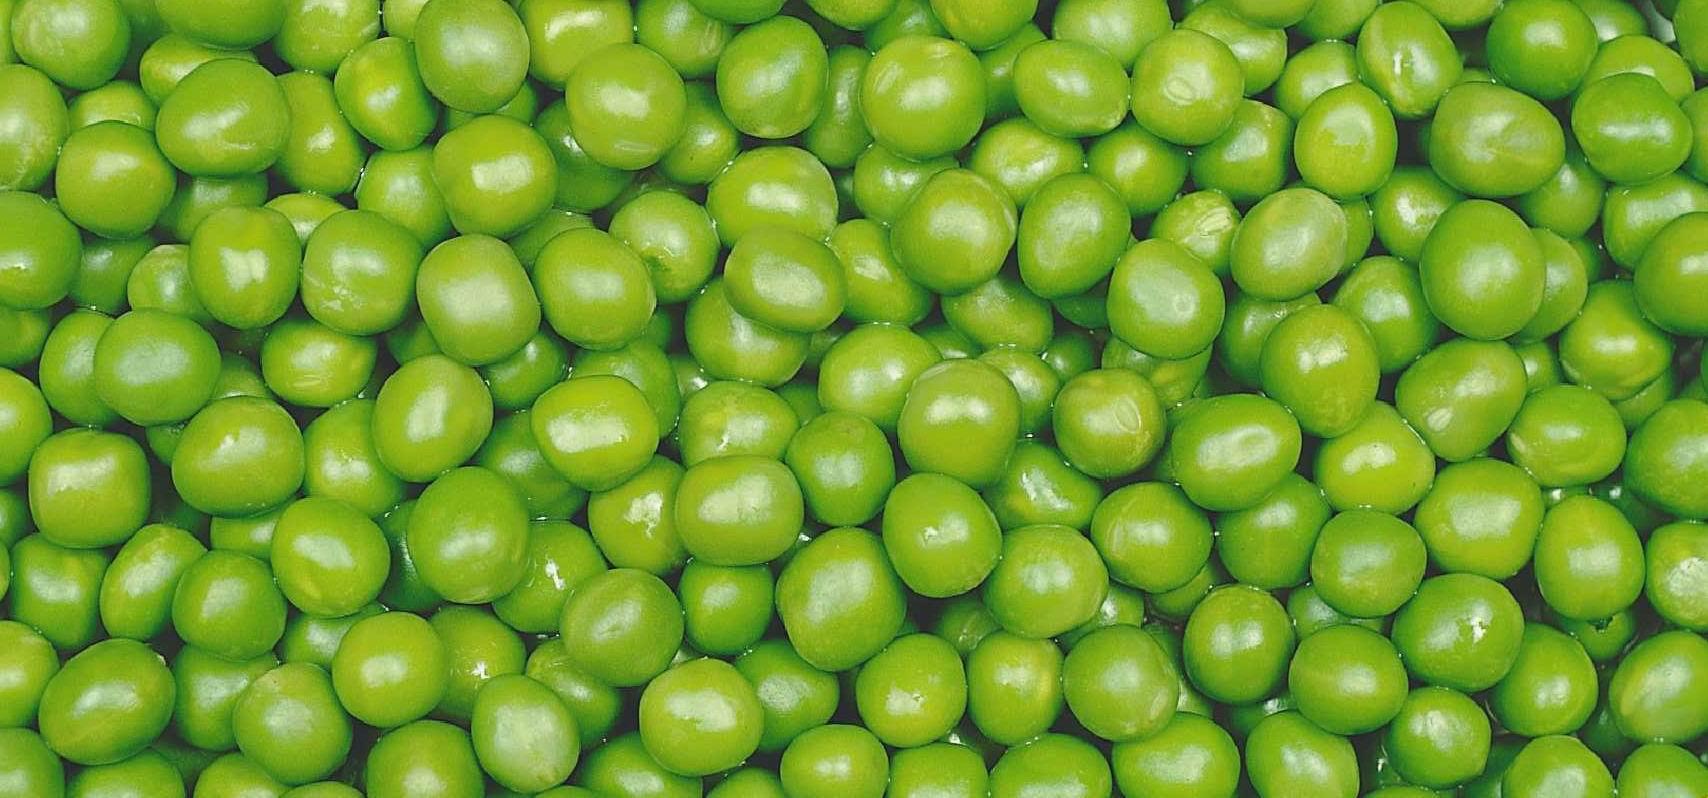 Vegetables Okra Products Egypt Vegetables Okra Supplier